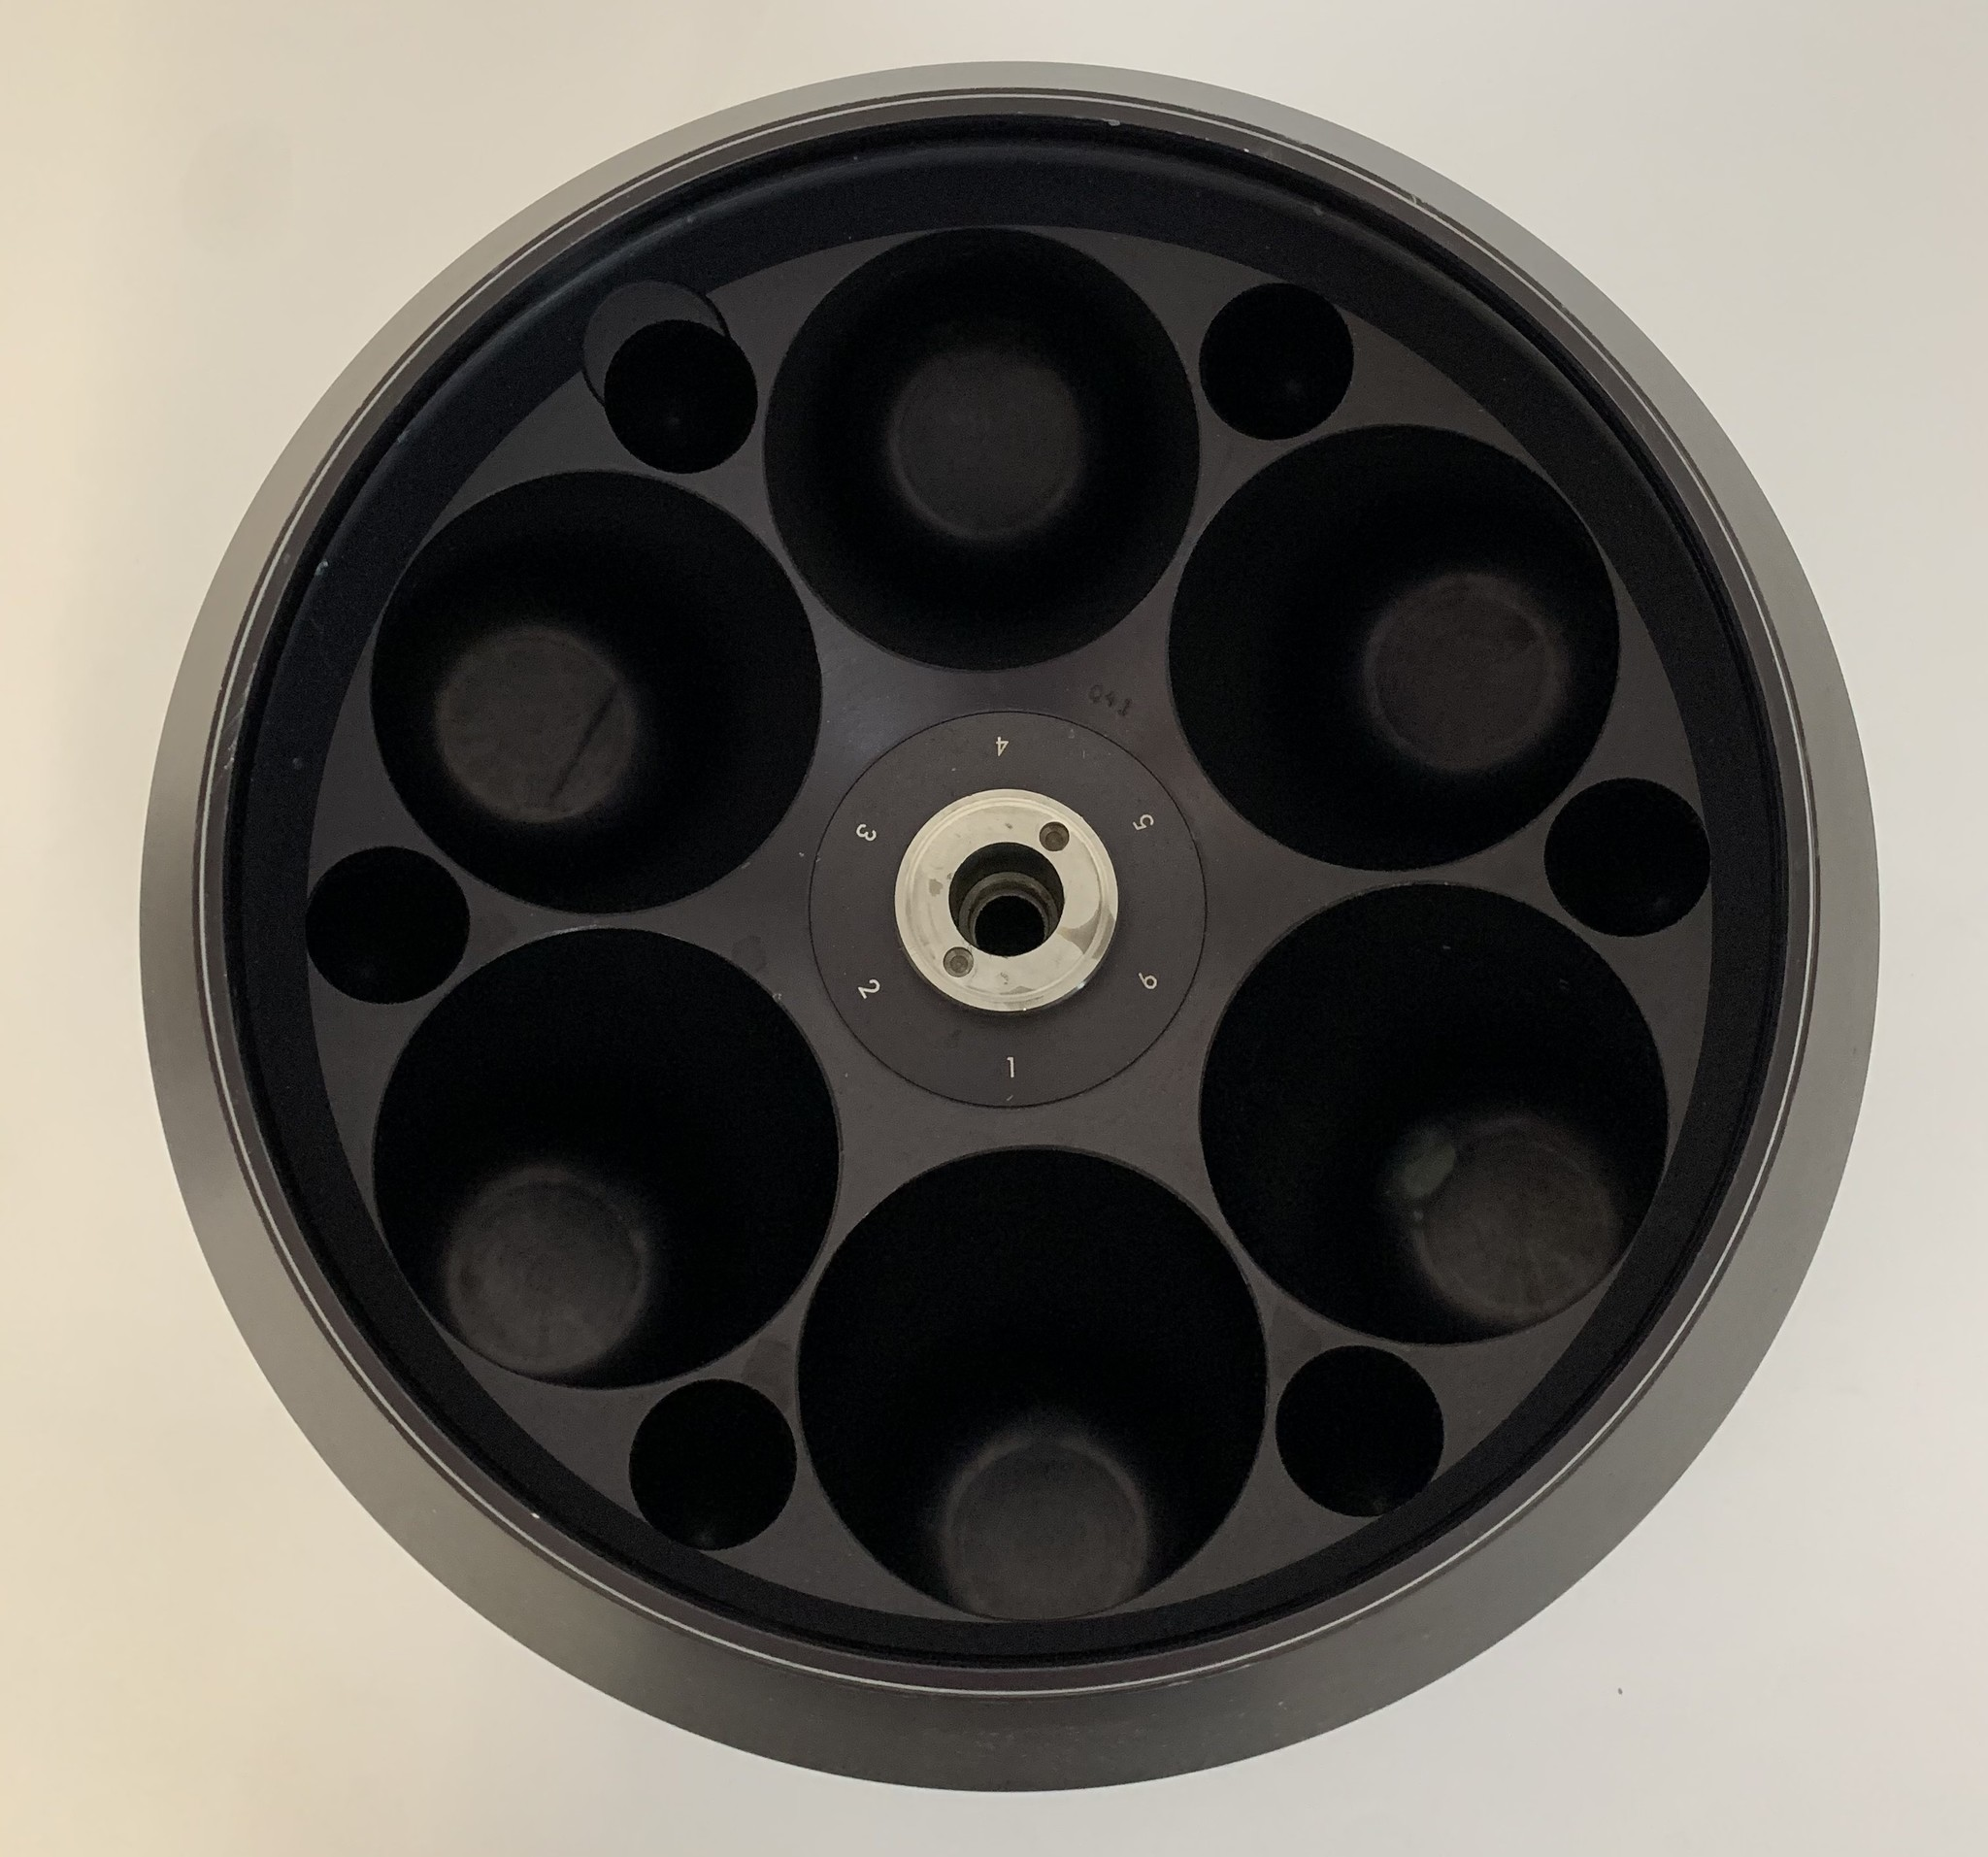 Thermo Scientific Thermo Scientific Sorvall Rotor SLA-3000